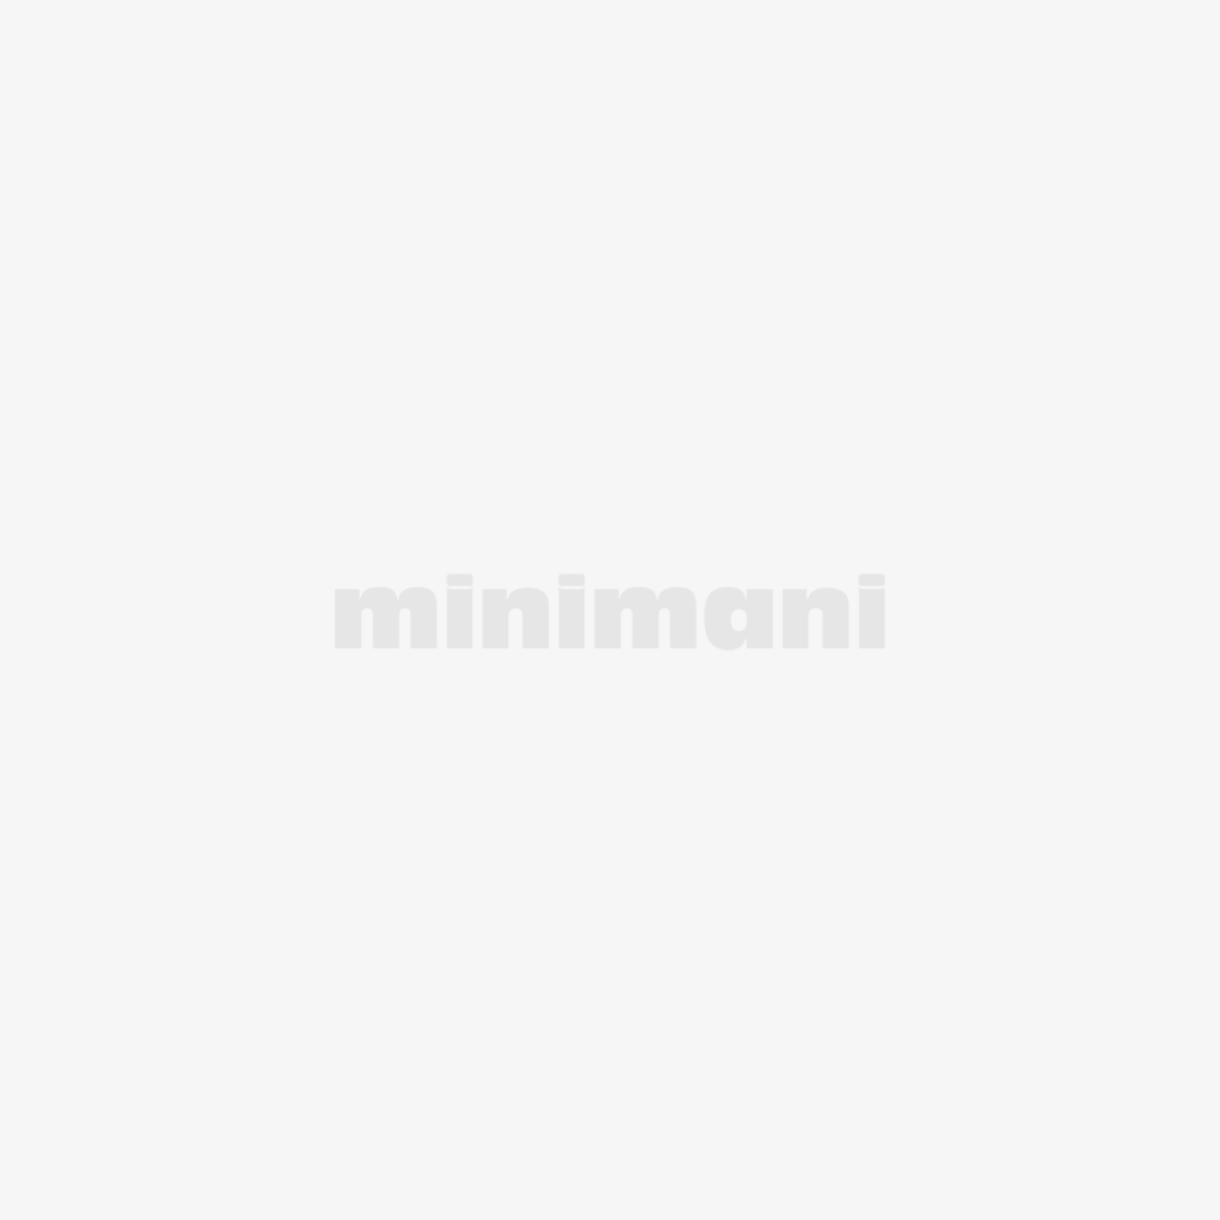 MINONS KULMALUKKOKANSIO A4, 2 ERILAISTA